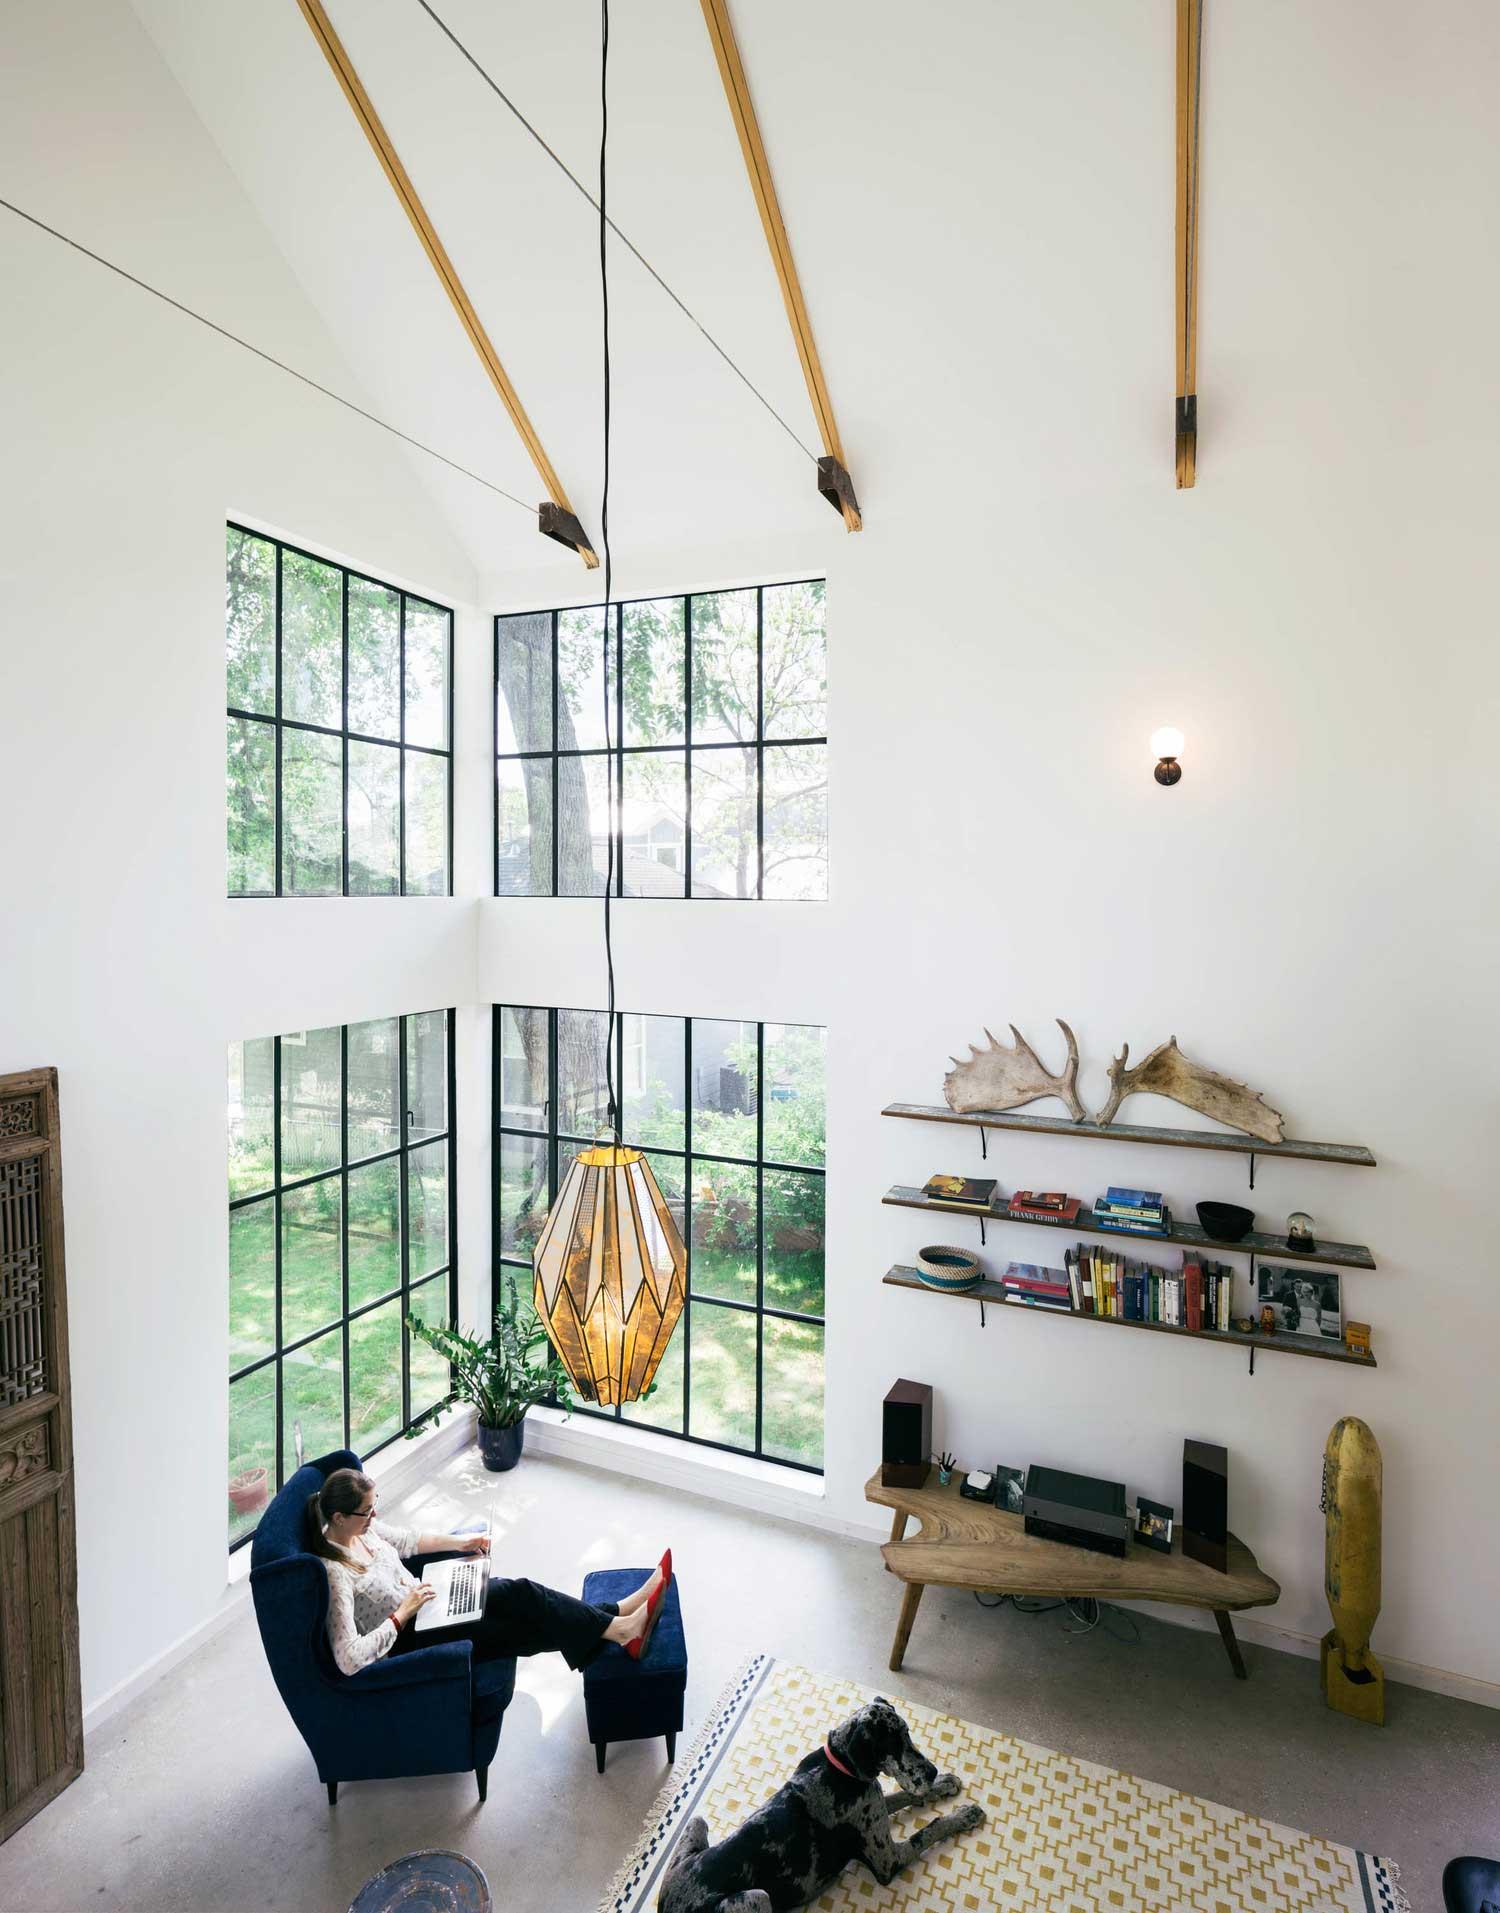 Maison fen tres style verri re d 39 atelier - Maison style atelier ...